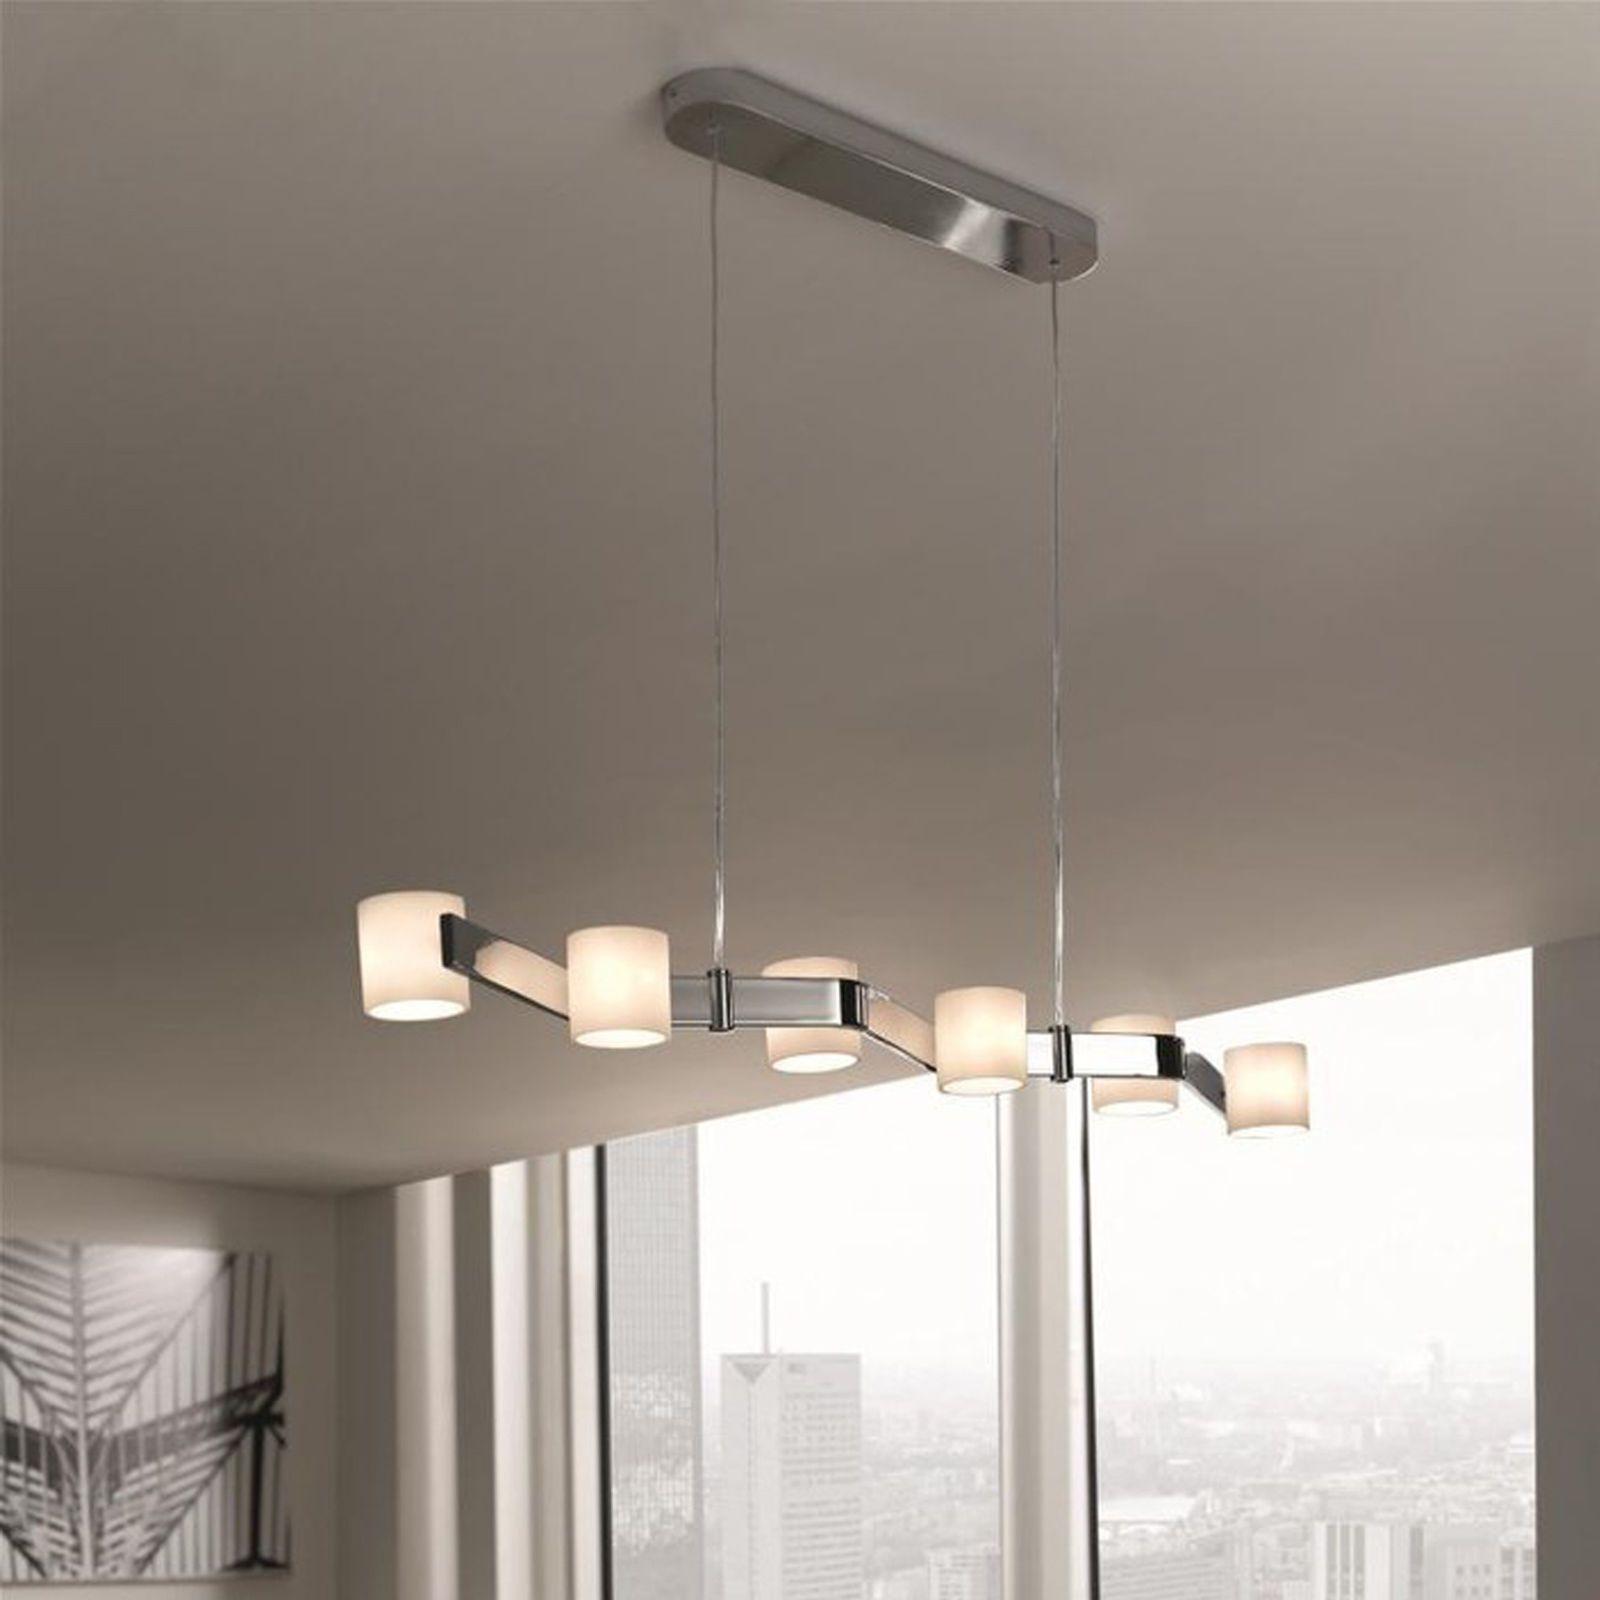 Freya Pendelleuchte Hängeleuchte 6x G4 20 Watt Decken Lampe Leuchte Massive in Möbel & Wohnen, Beleuchtung, Deckenlampen & Kronleuchter | eBay!